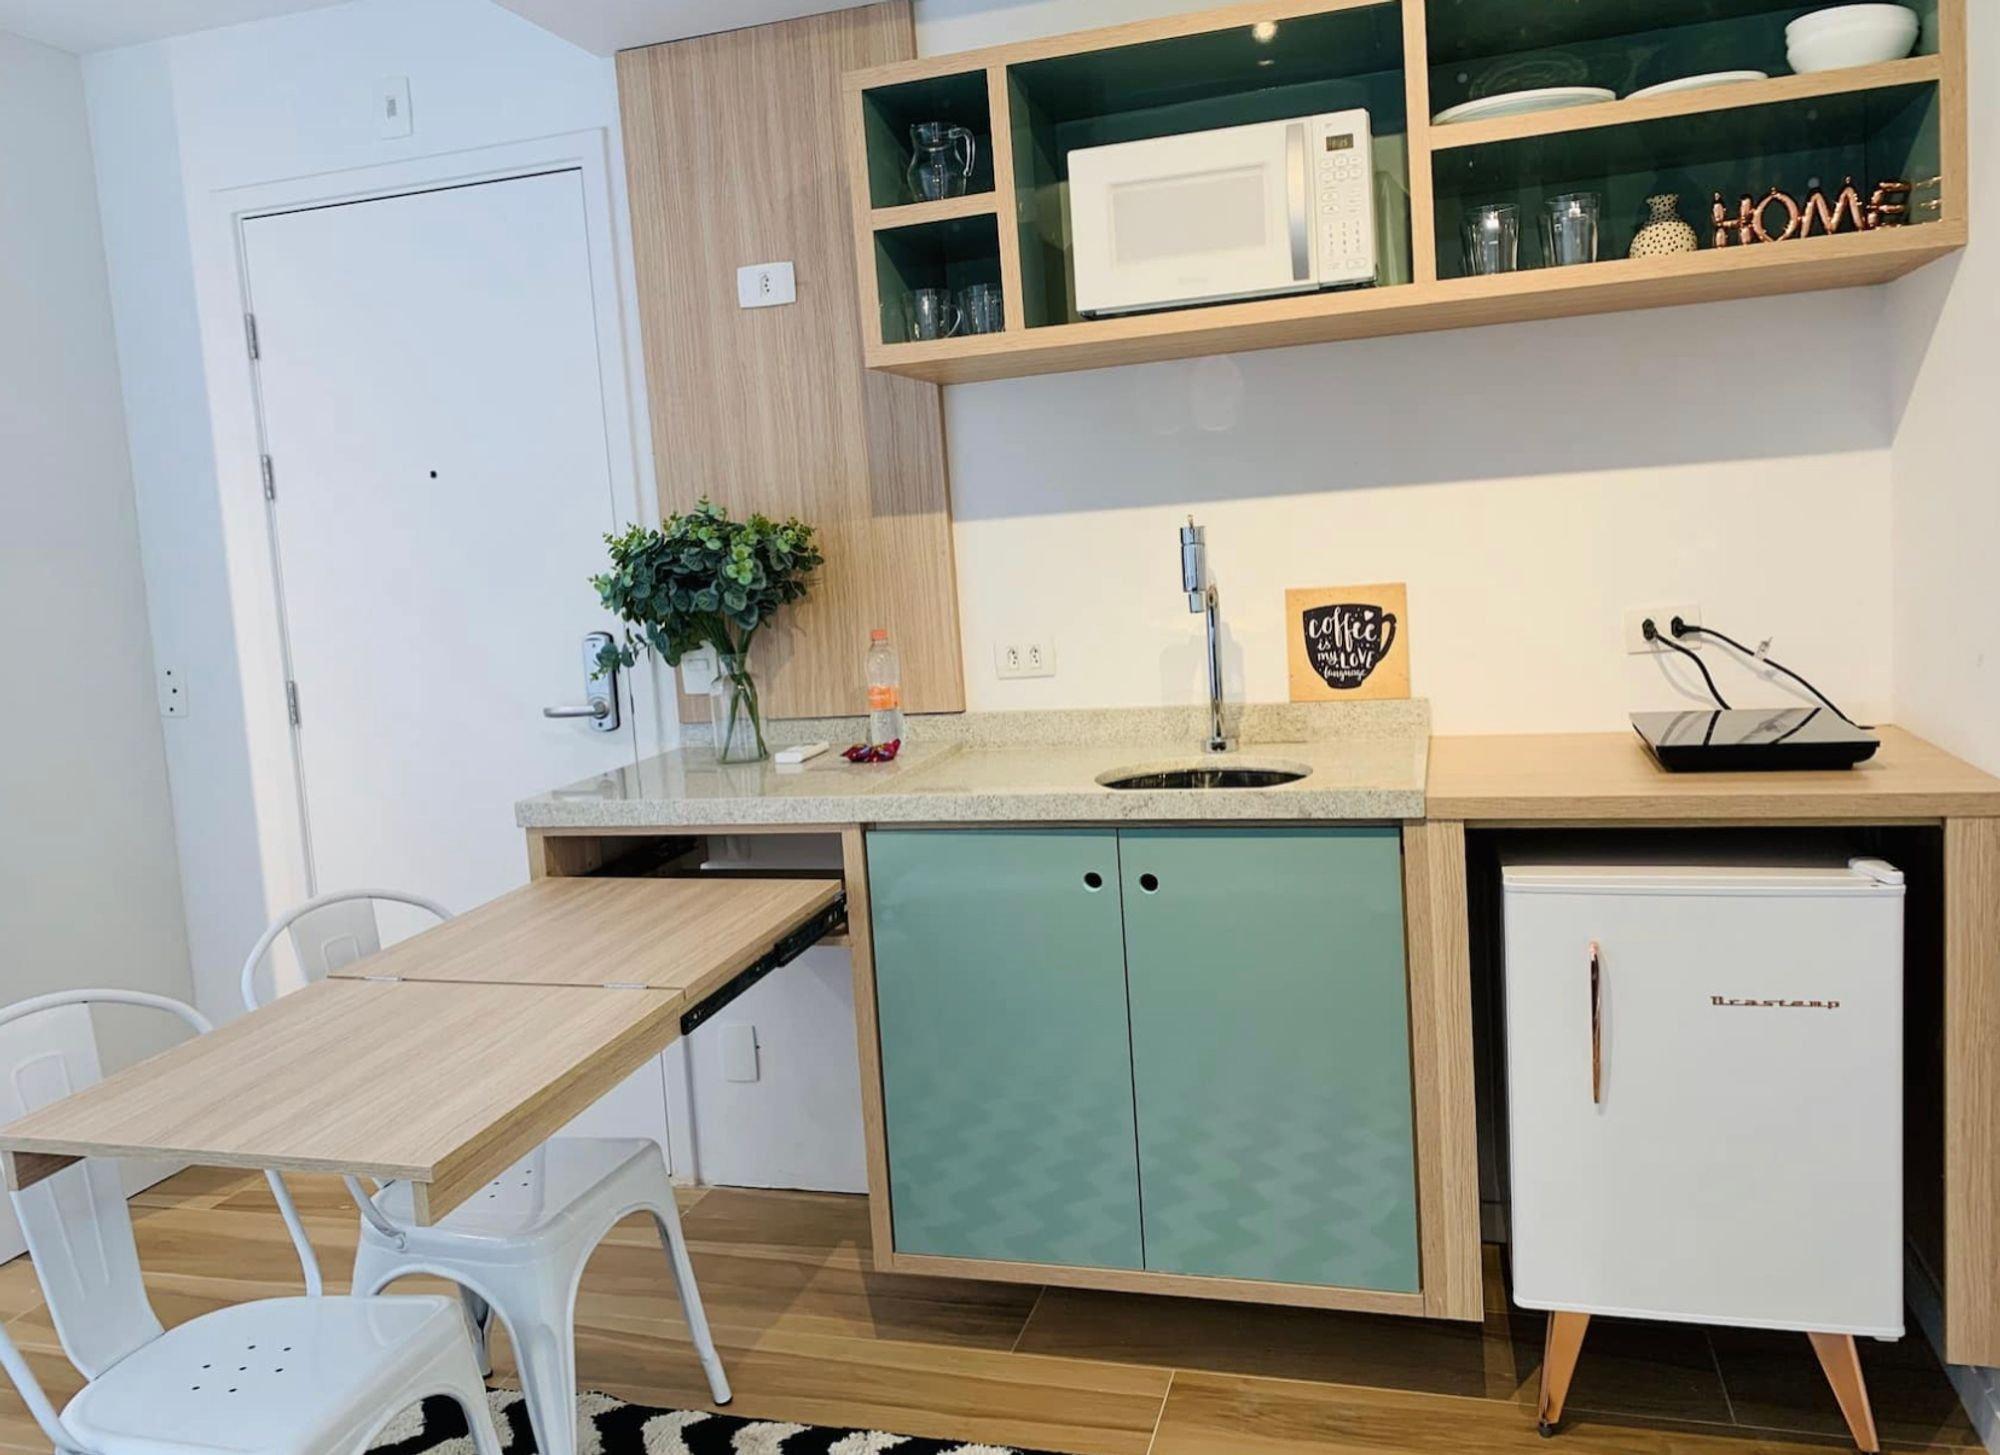 Foto de Cozinha com vaso de planta, cadeira, pia, vaso, garrafa, tigela, xícara